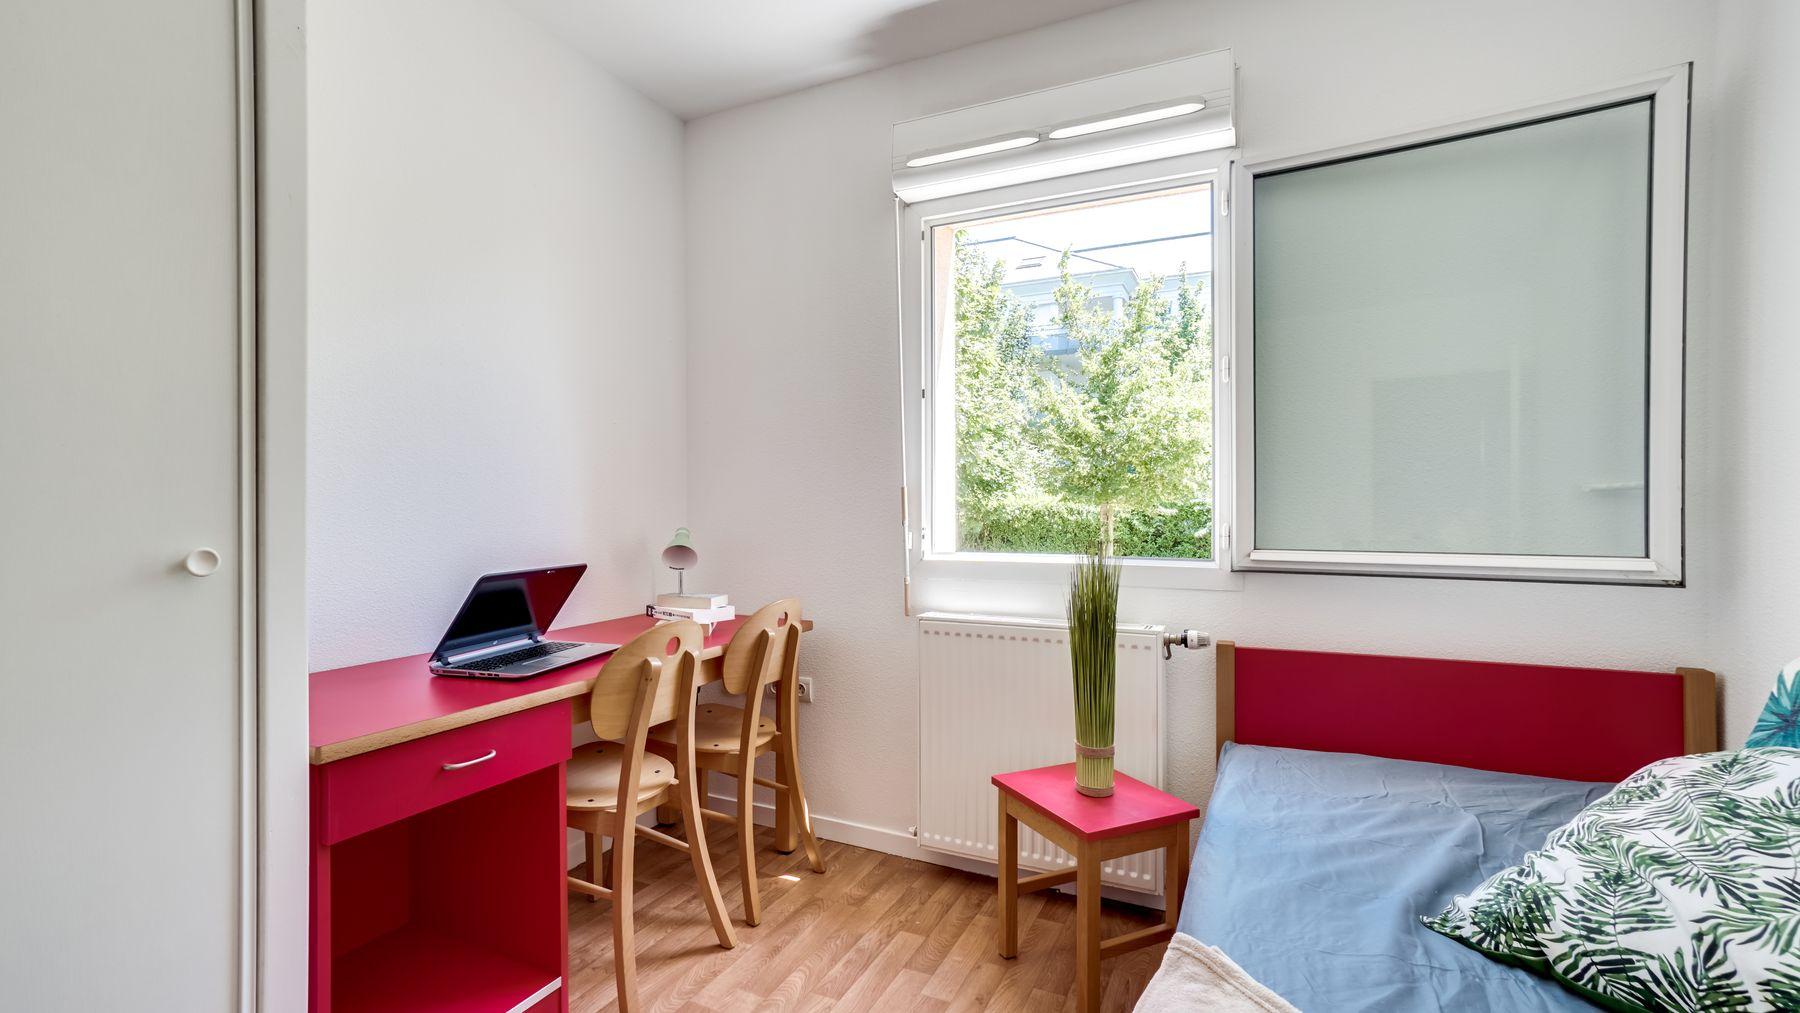 LOGIFAC résidence étudiante Picasso Villeneuve studio équipé